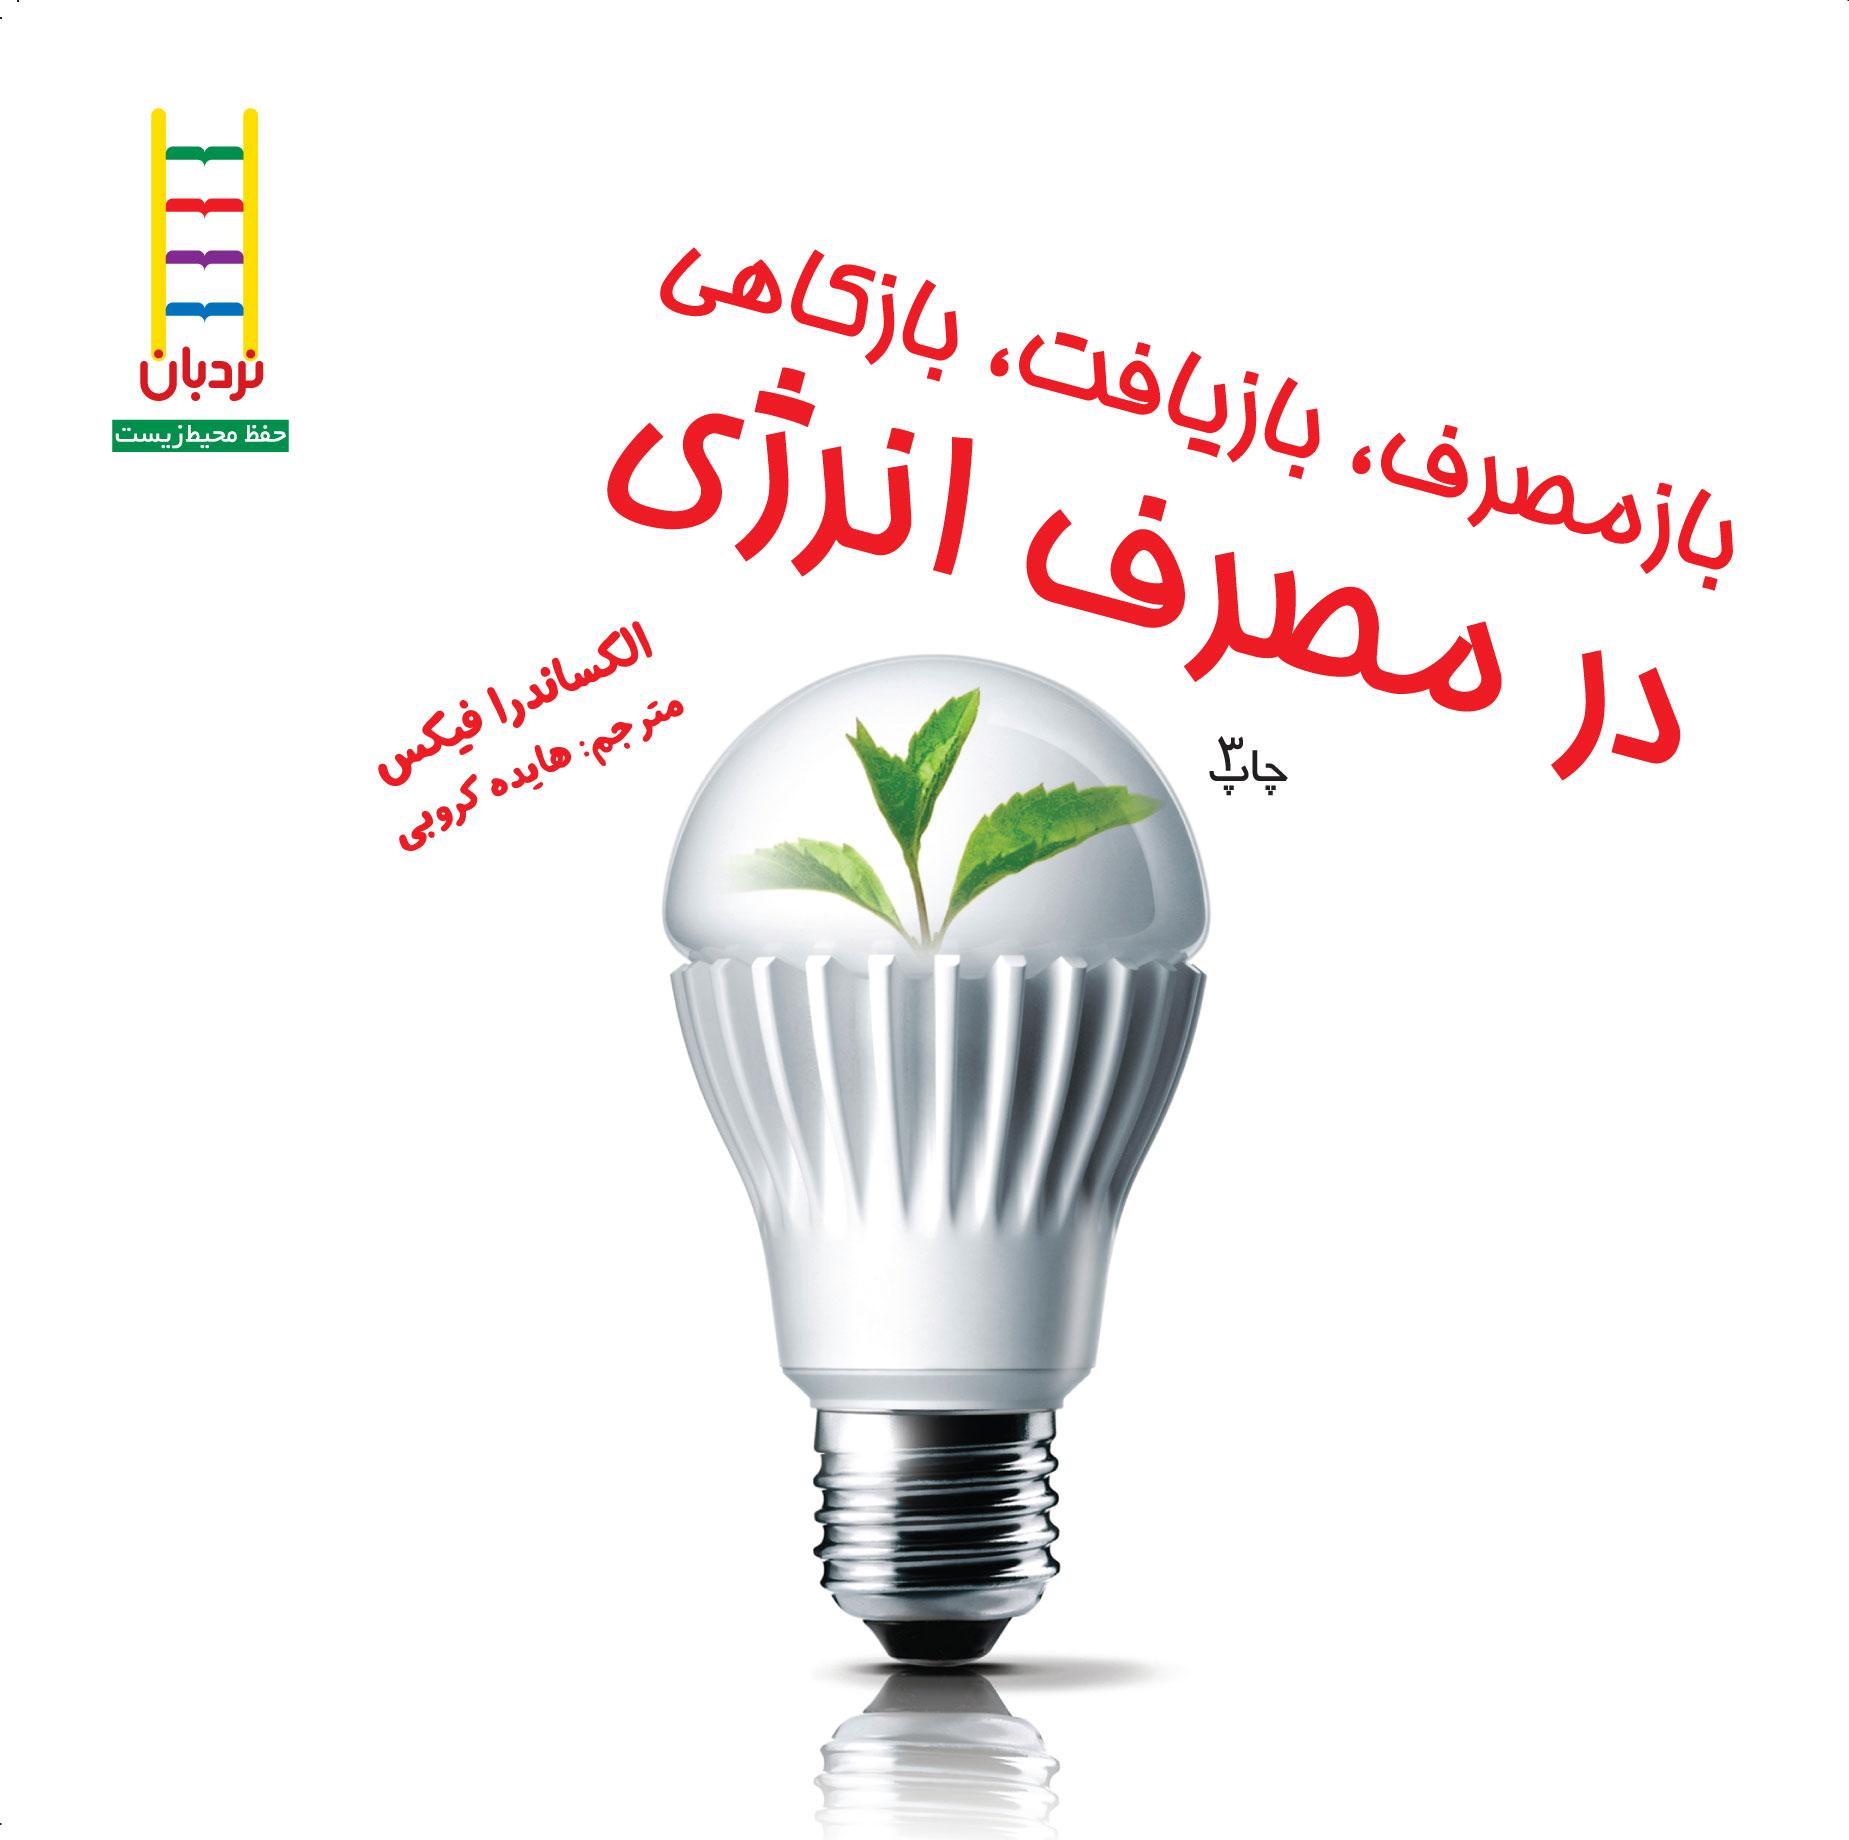 بازمصرف، بازیافت، بازکاهی در مصرف انرژی...